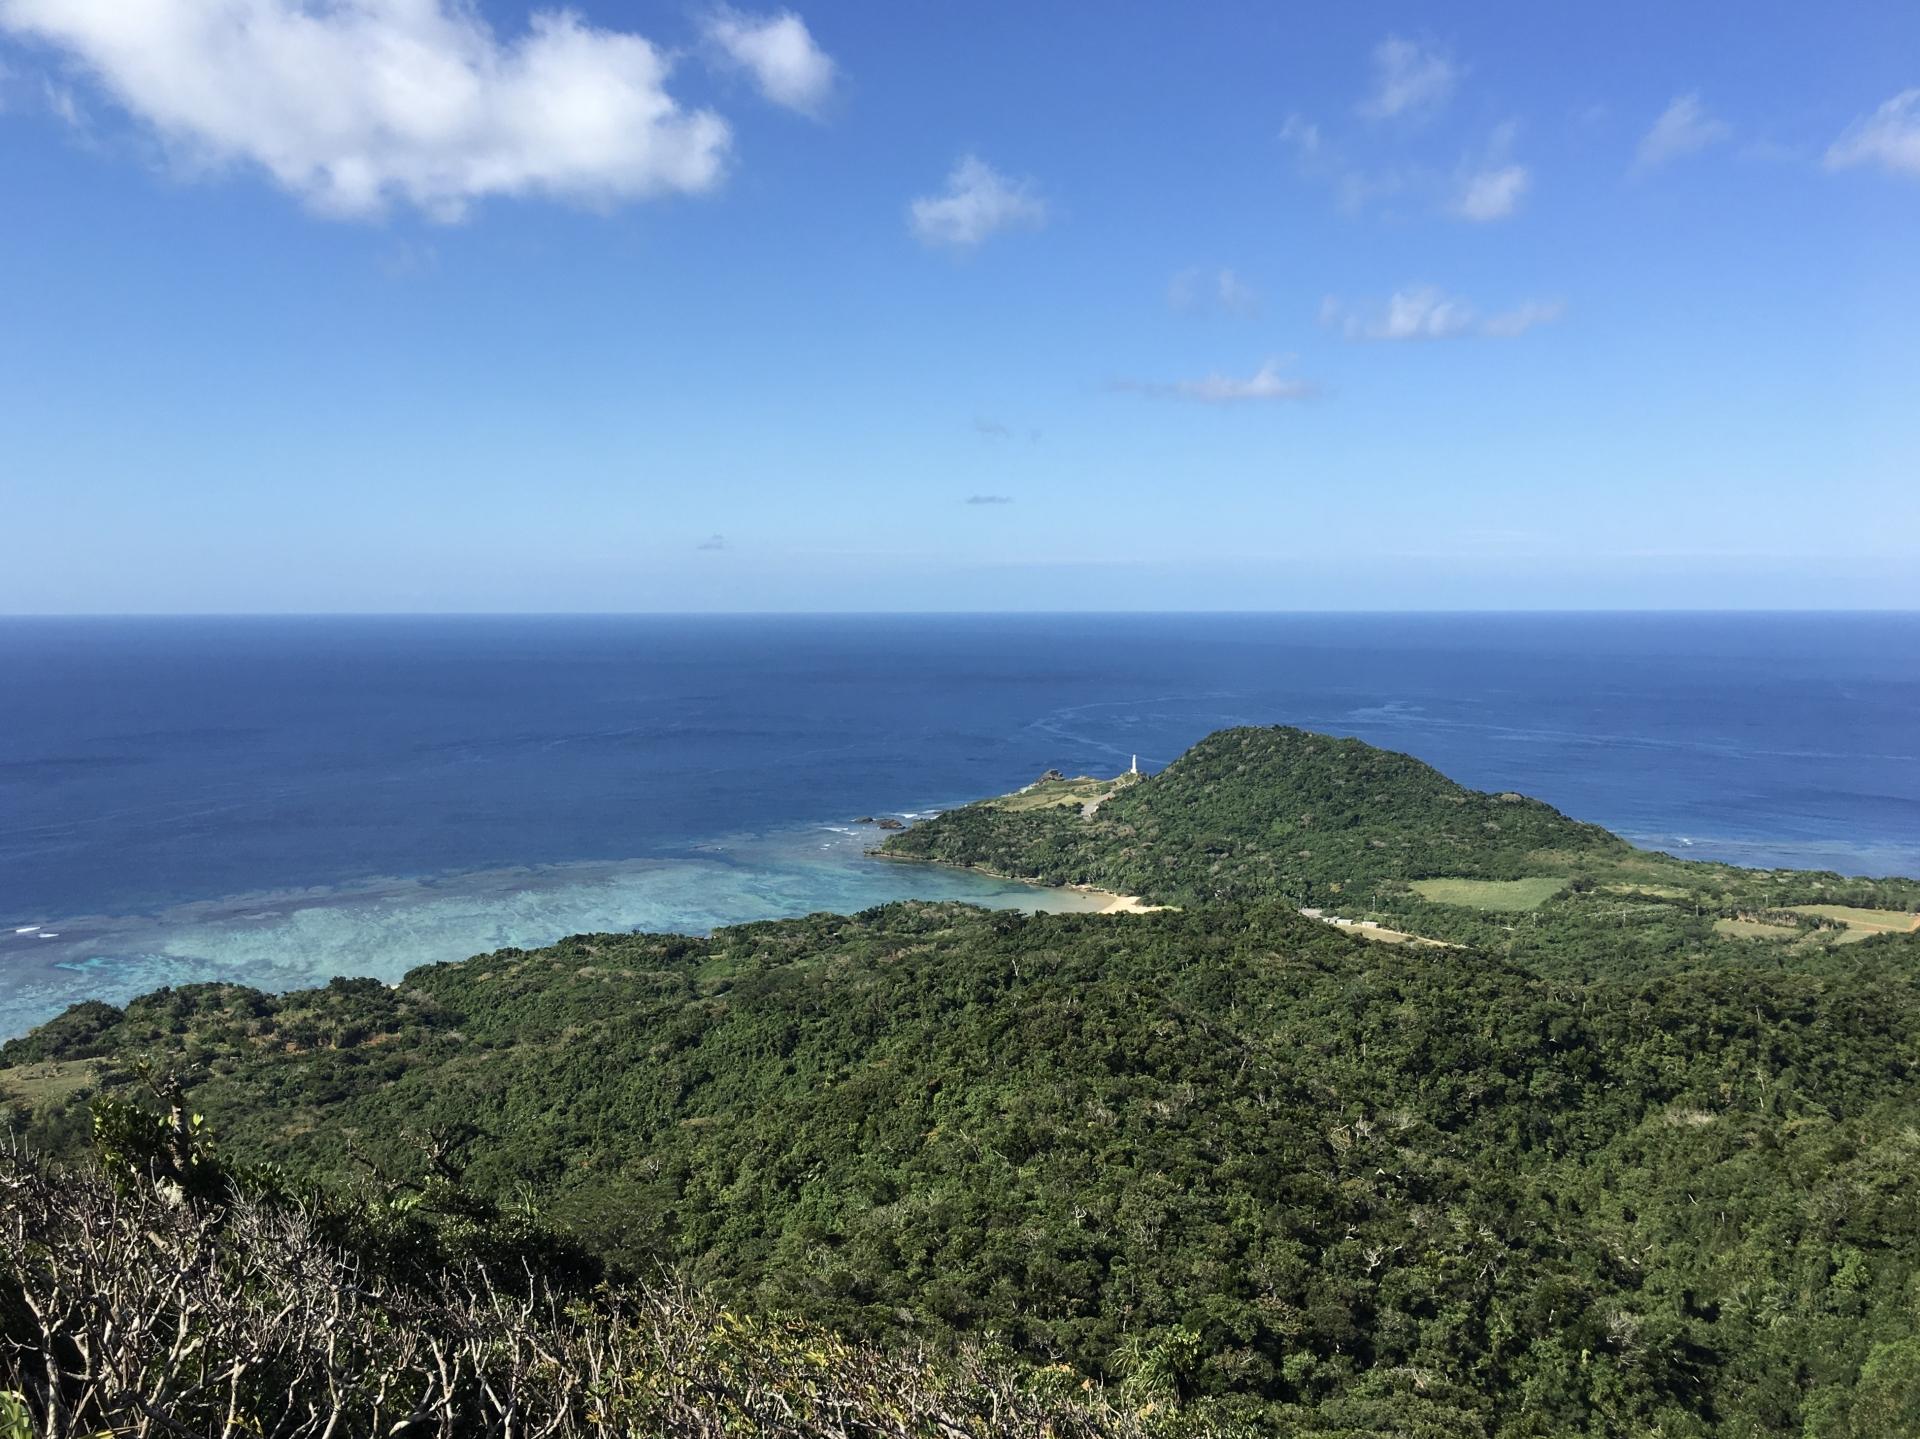 石垣島の1月の空気が澄んだ空